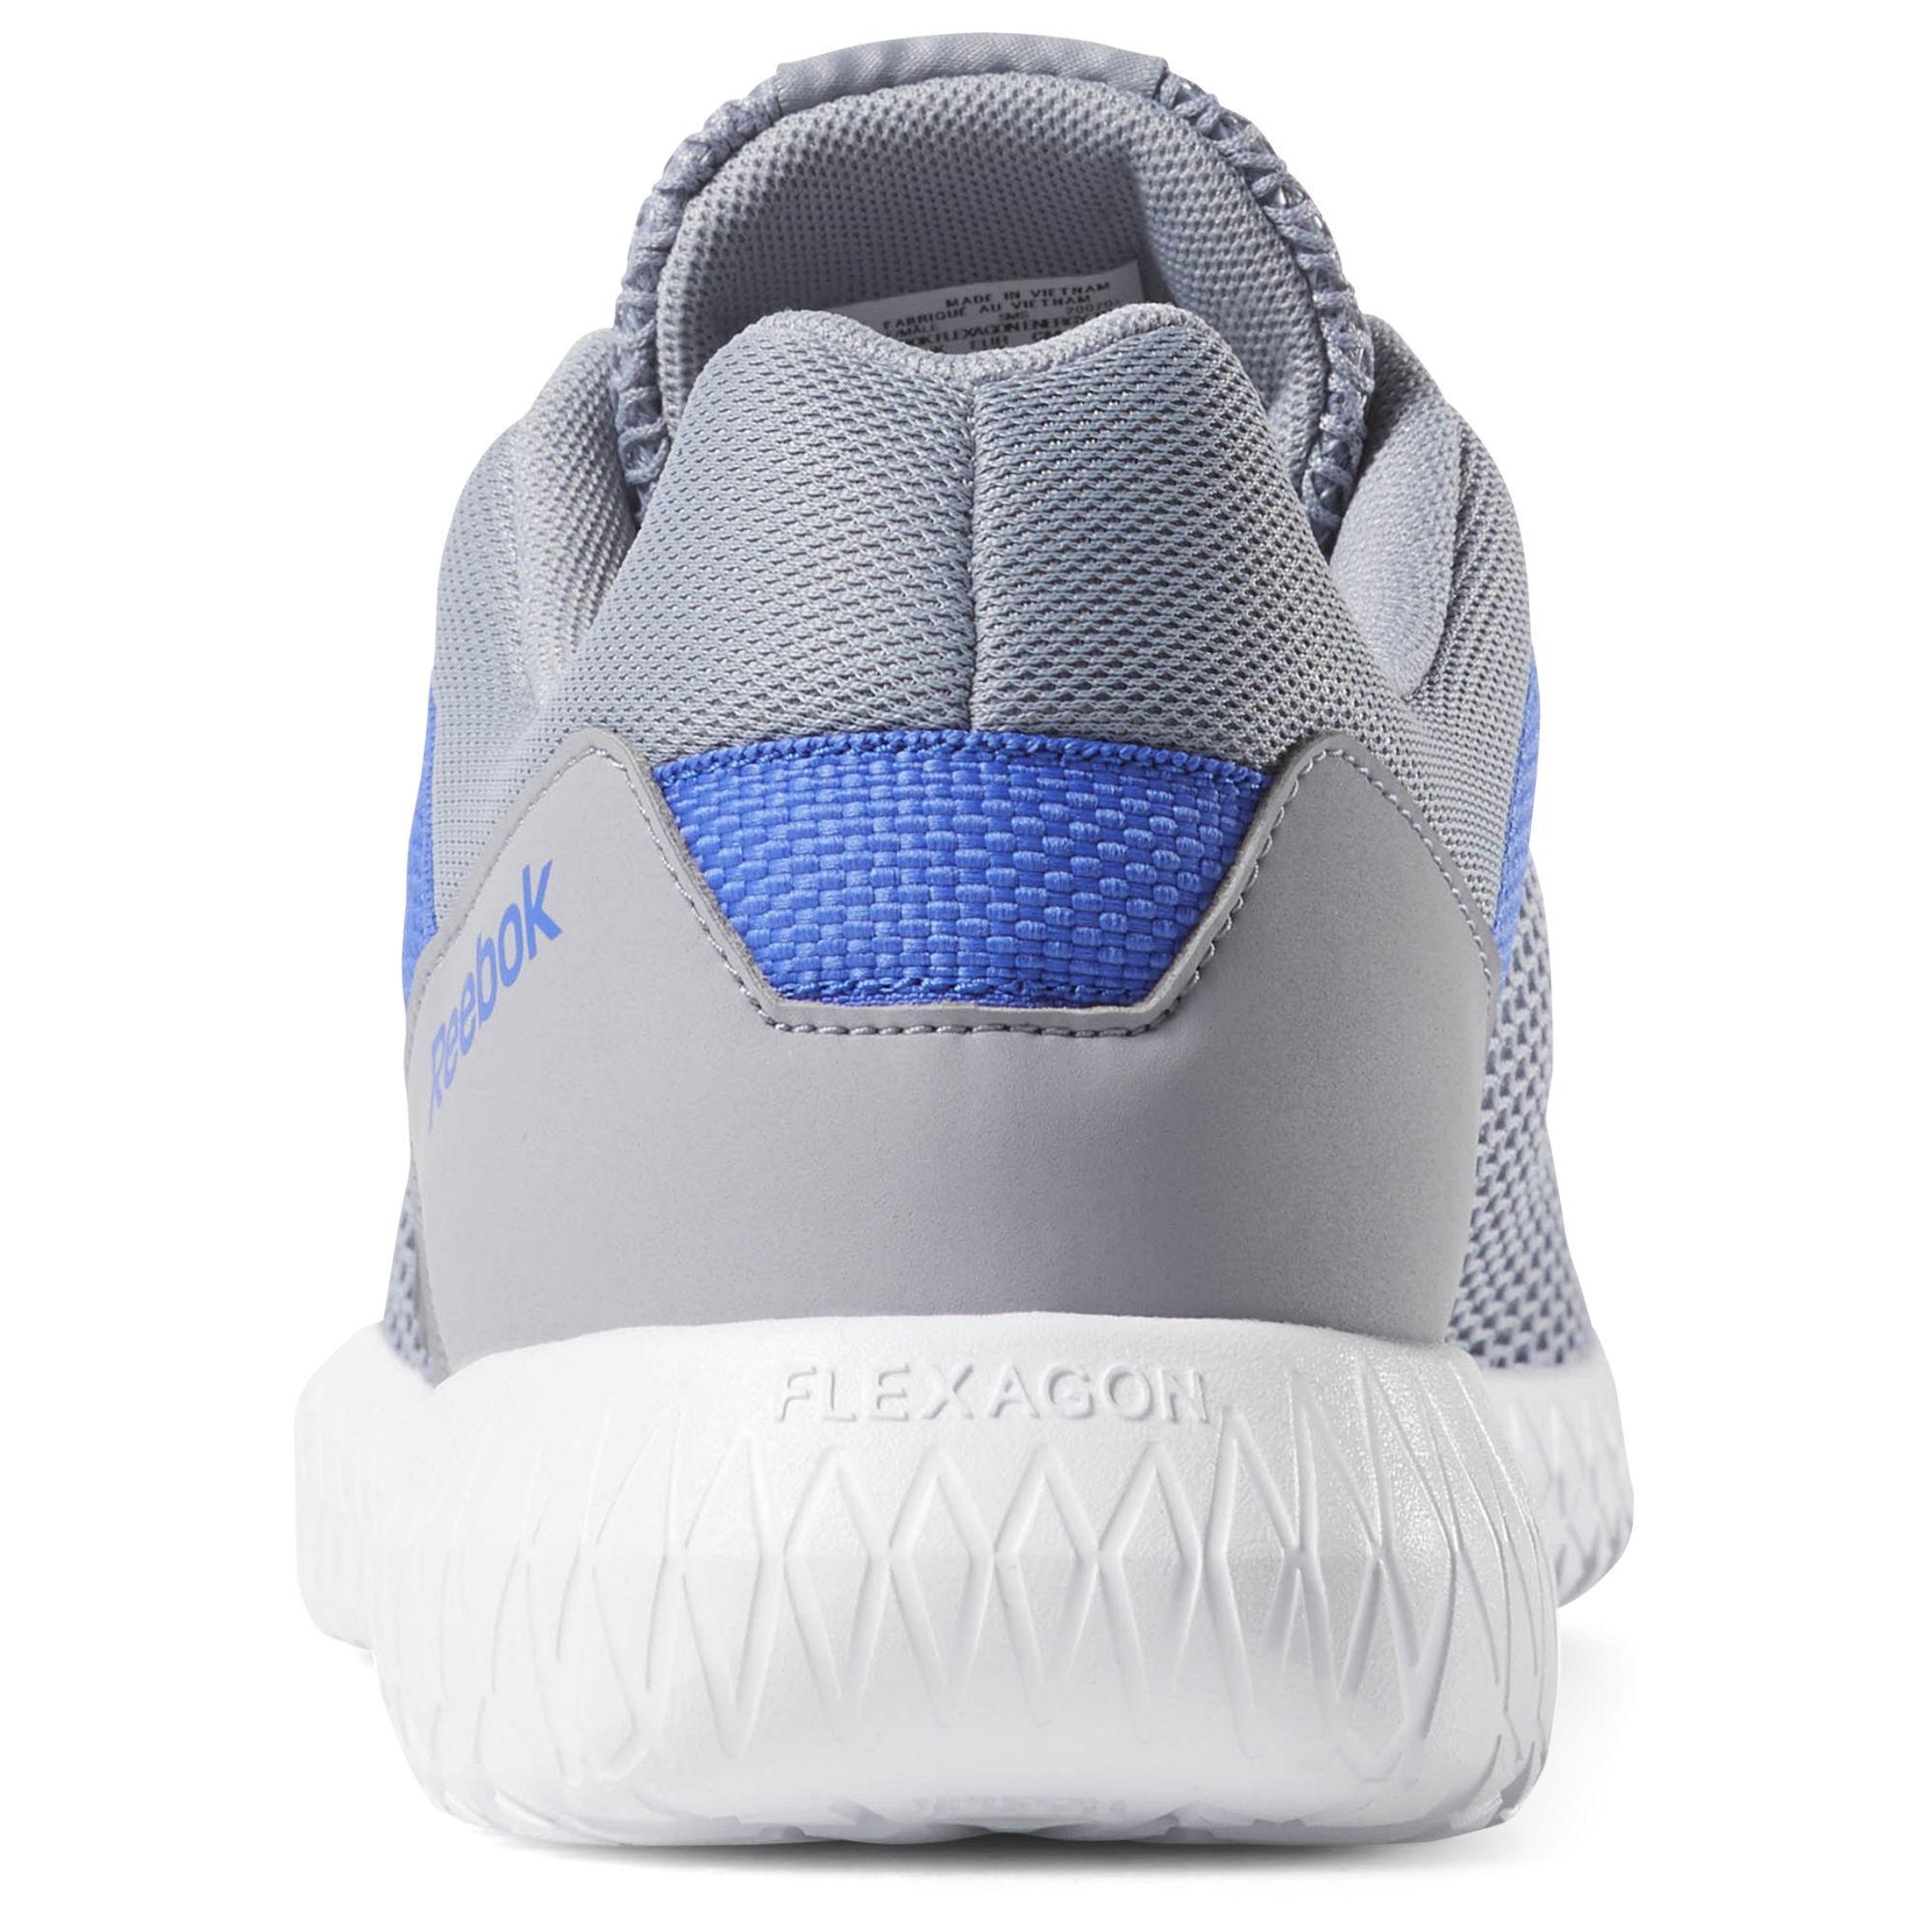 Reebok Fitnessschuhe Herren Cool Shadow/Cold Grey/White/Crushed Grey/White/Crushed Grey/White/Crushed Cobalt im Online Shop von SportScheck kaufen Gute Qualität beliebte Schuhe b77425